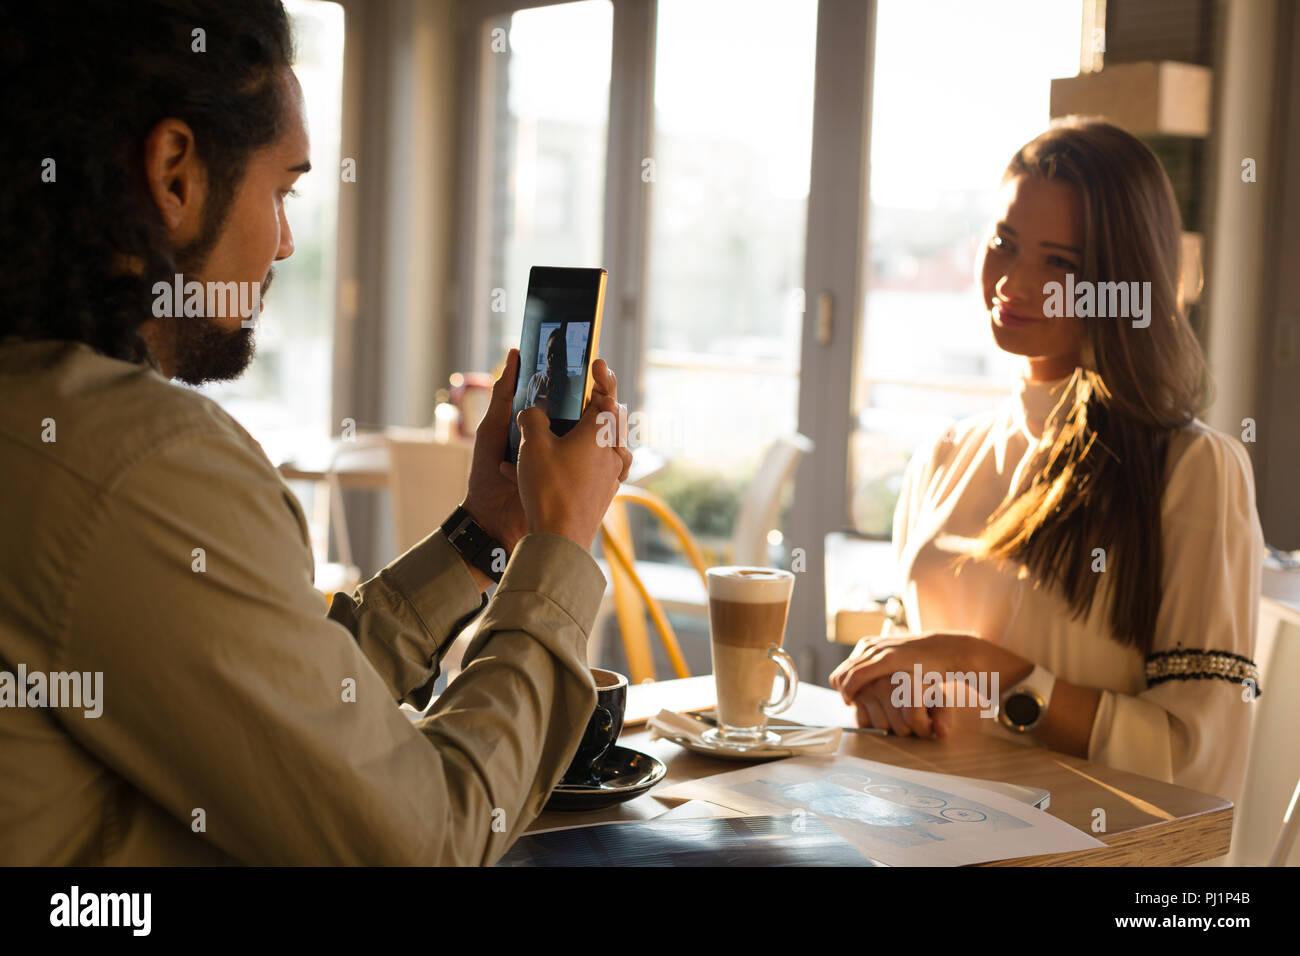 L'uomo prendendo foto del suo partner Immagini Stock